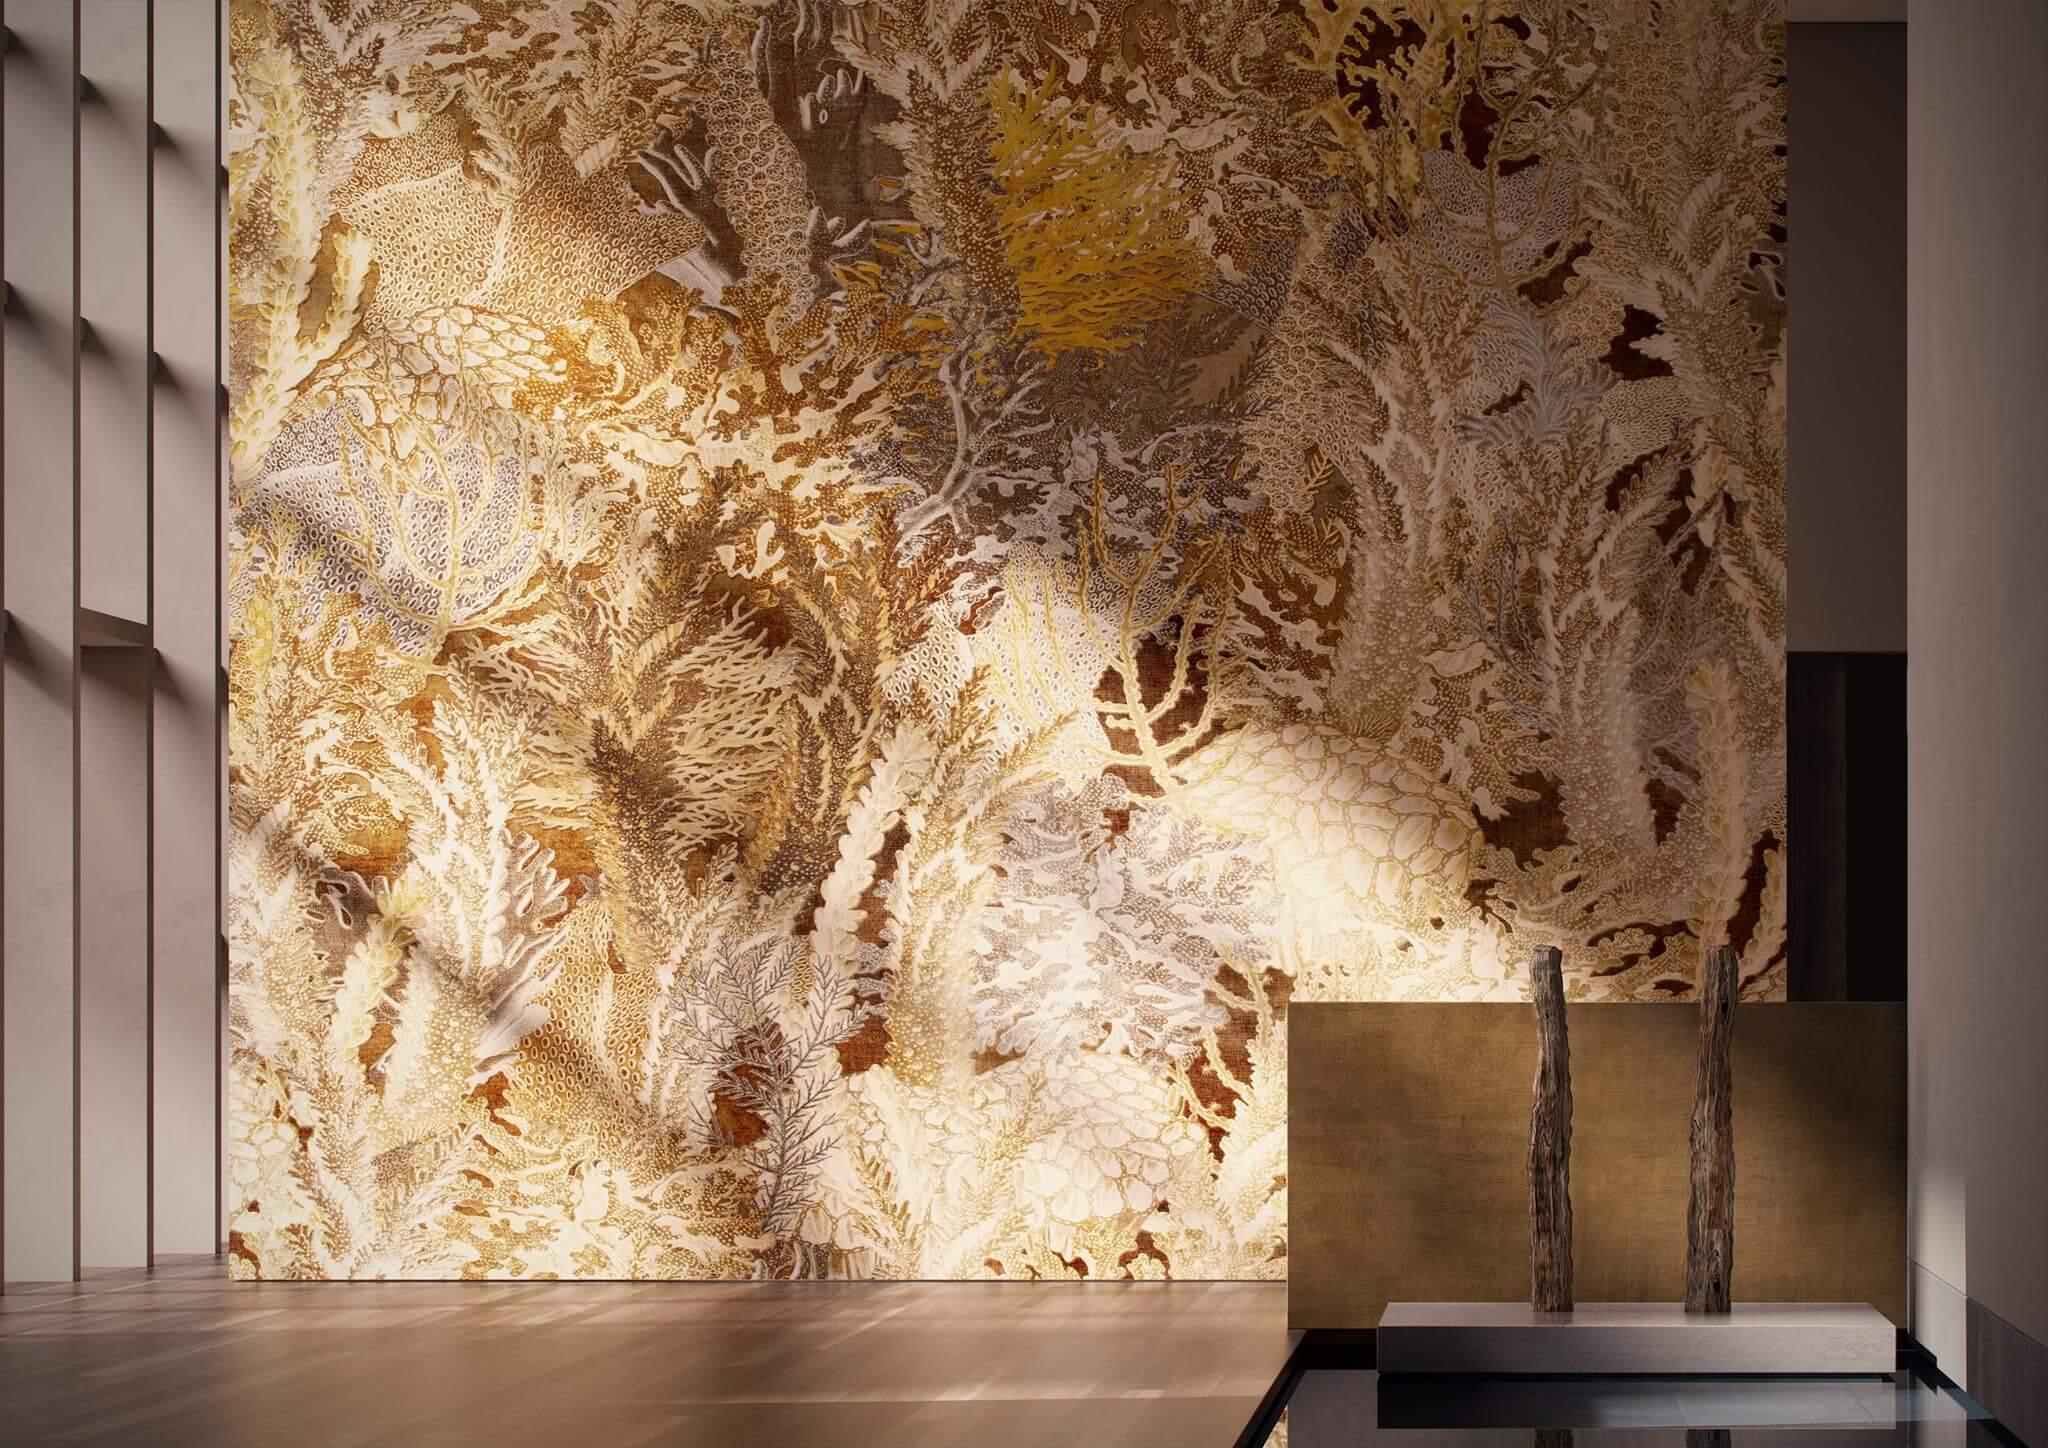 Cersaie 2017 Designexperte Torsten Mueller Baddesign Lifestyle Schoener Wohnen Trends News Wandtapete Glamora CORAL Reef Collection